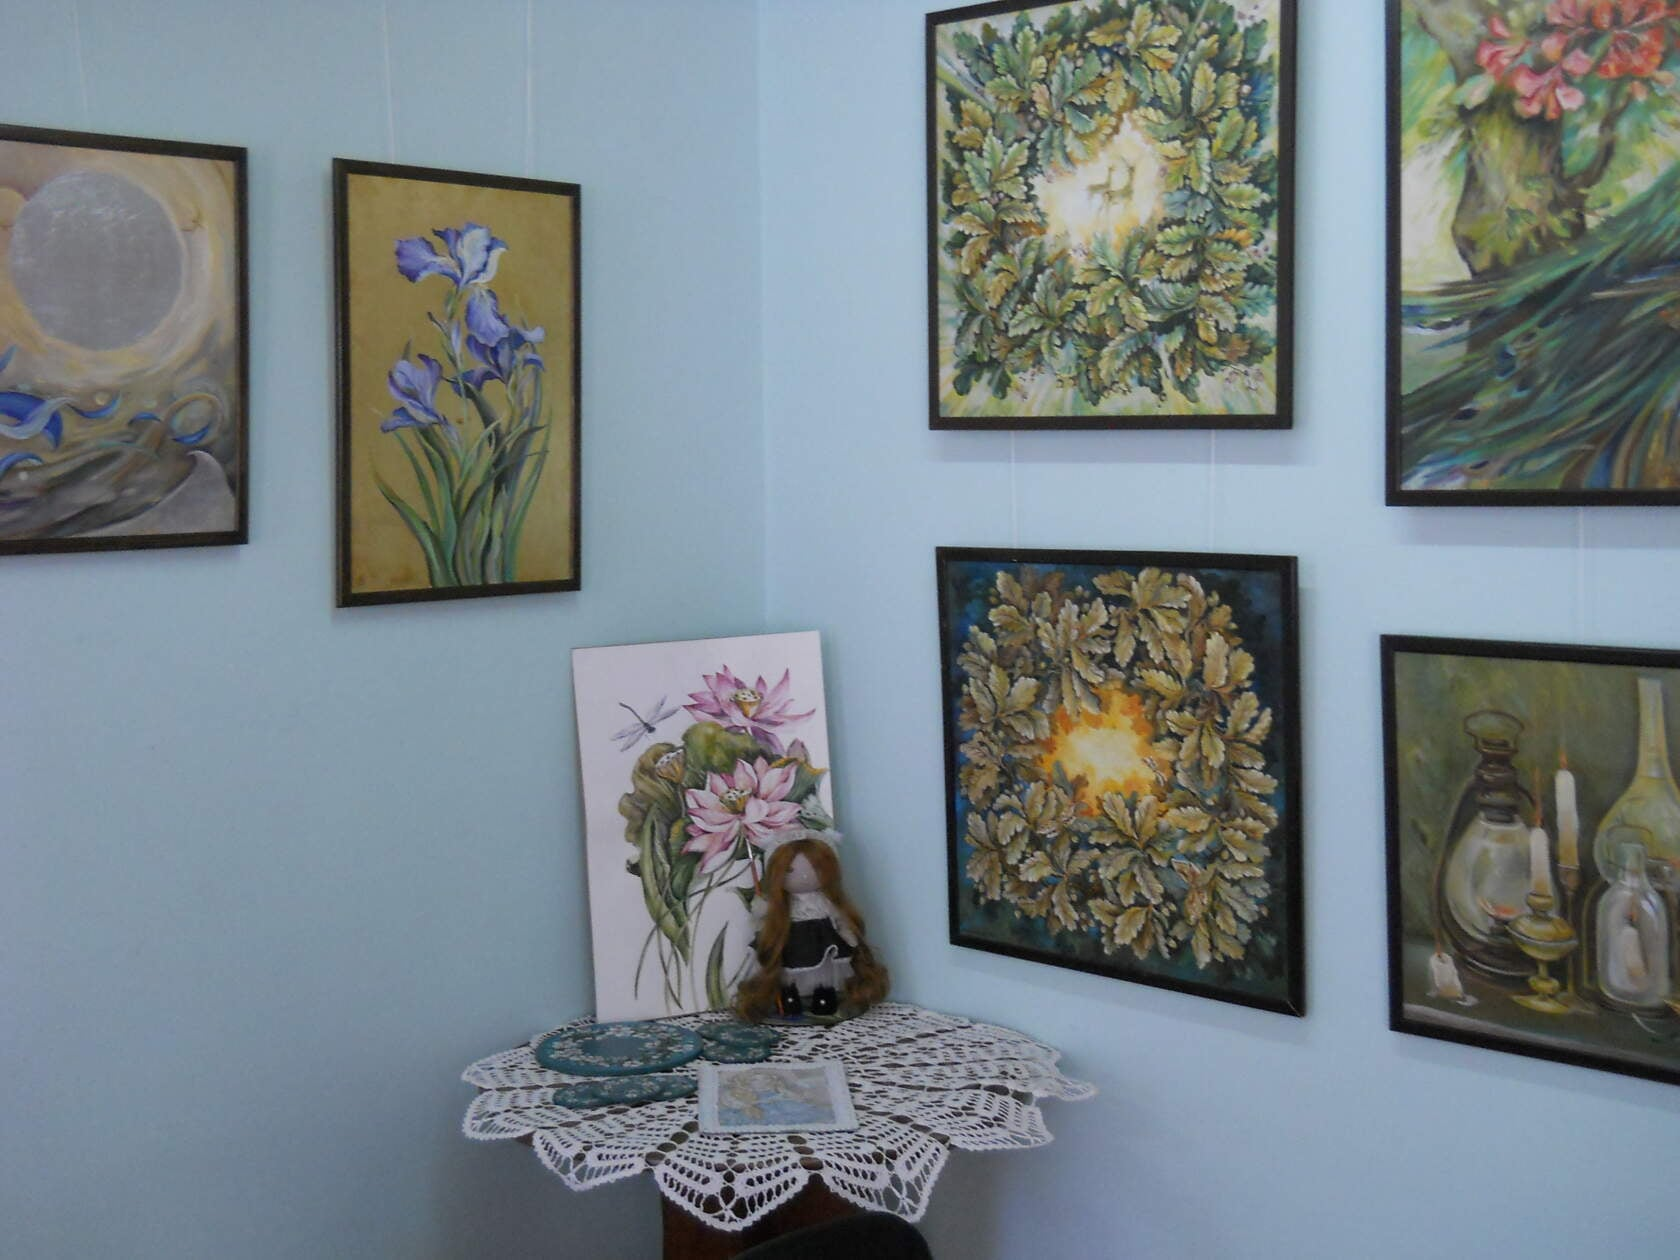 Выставка азовской художницы Ольги Строгановой в Доме-музее М. Б. Грекова